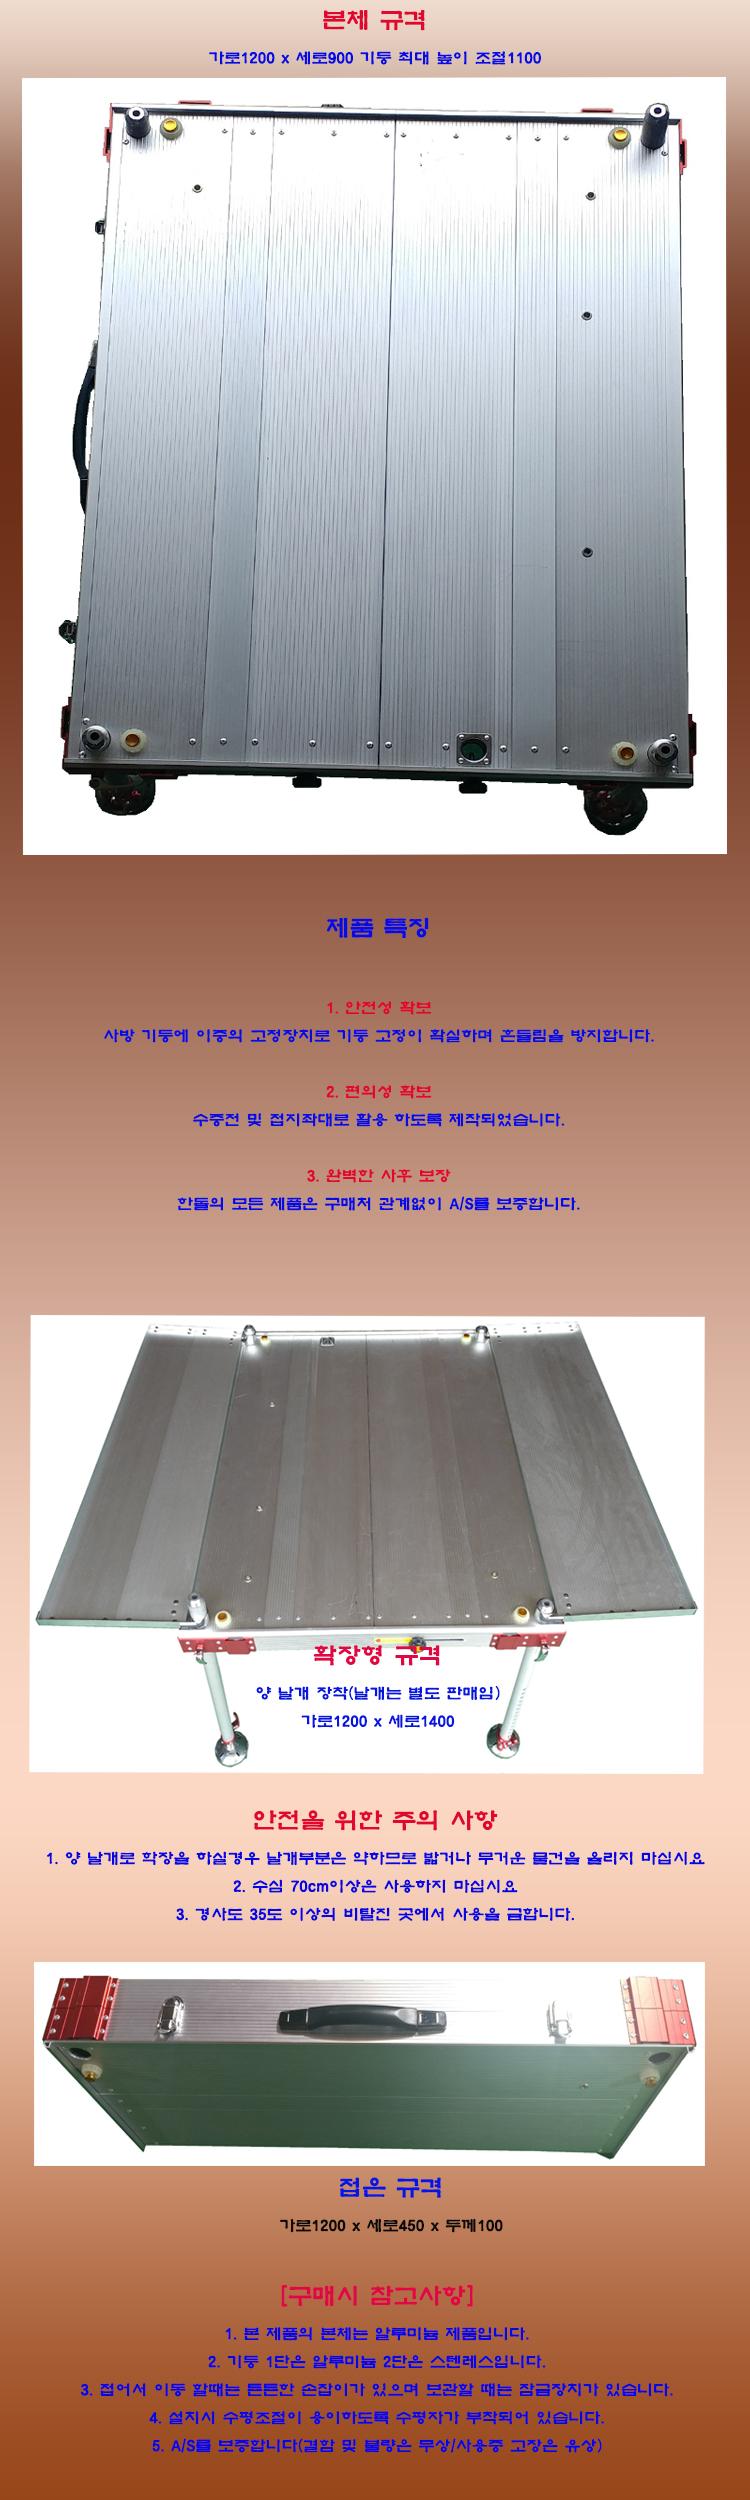 20c436479e191e8f580b446818a57656_1572587193_6141_555.jpg